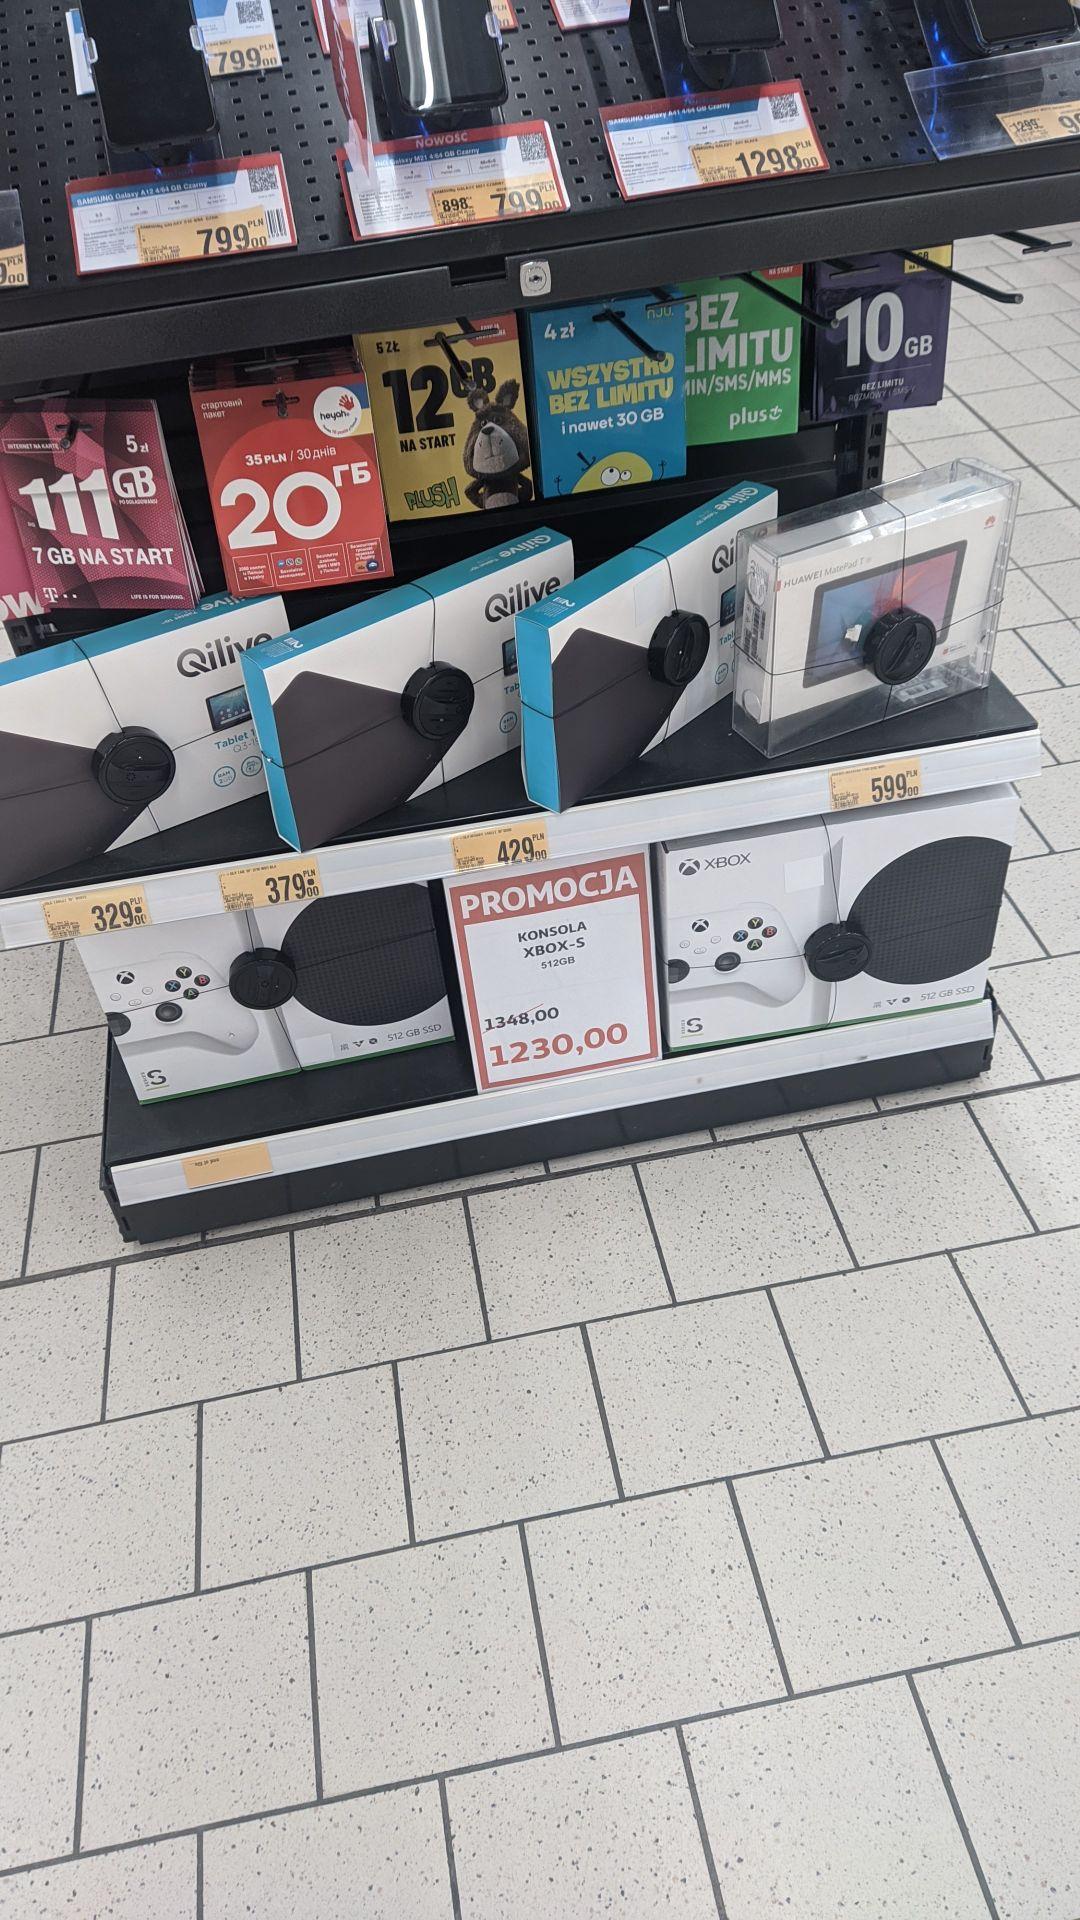 Xbox series s, Auchan Poznań, centrum handlowe m1